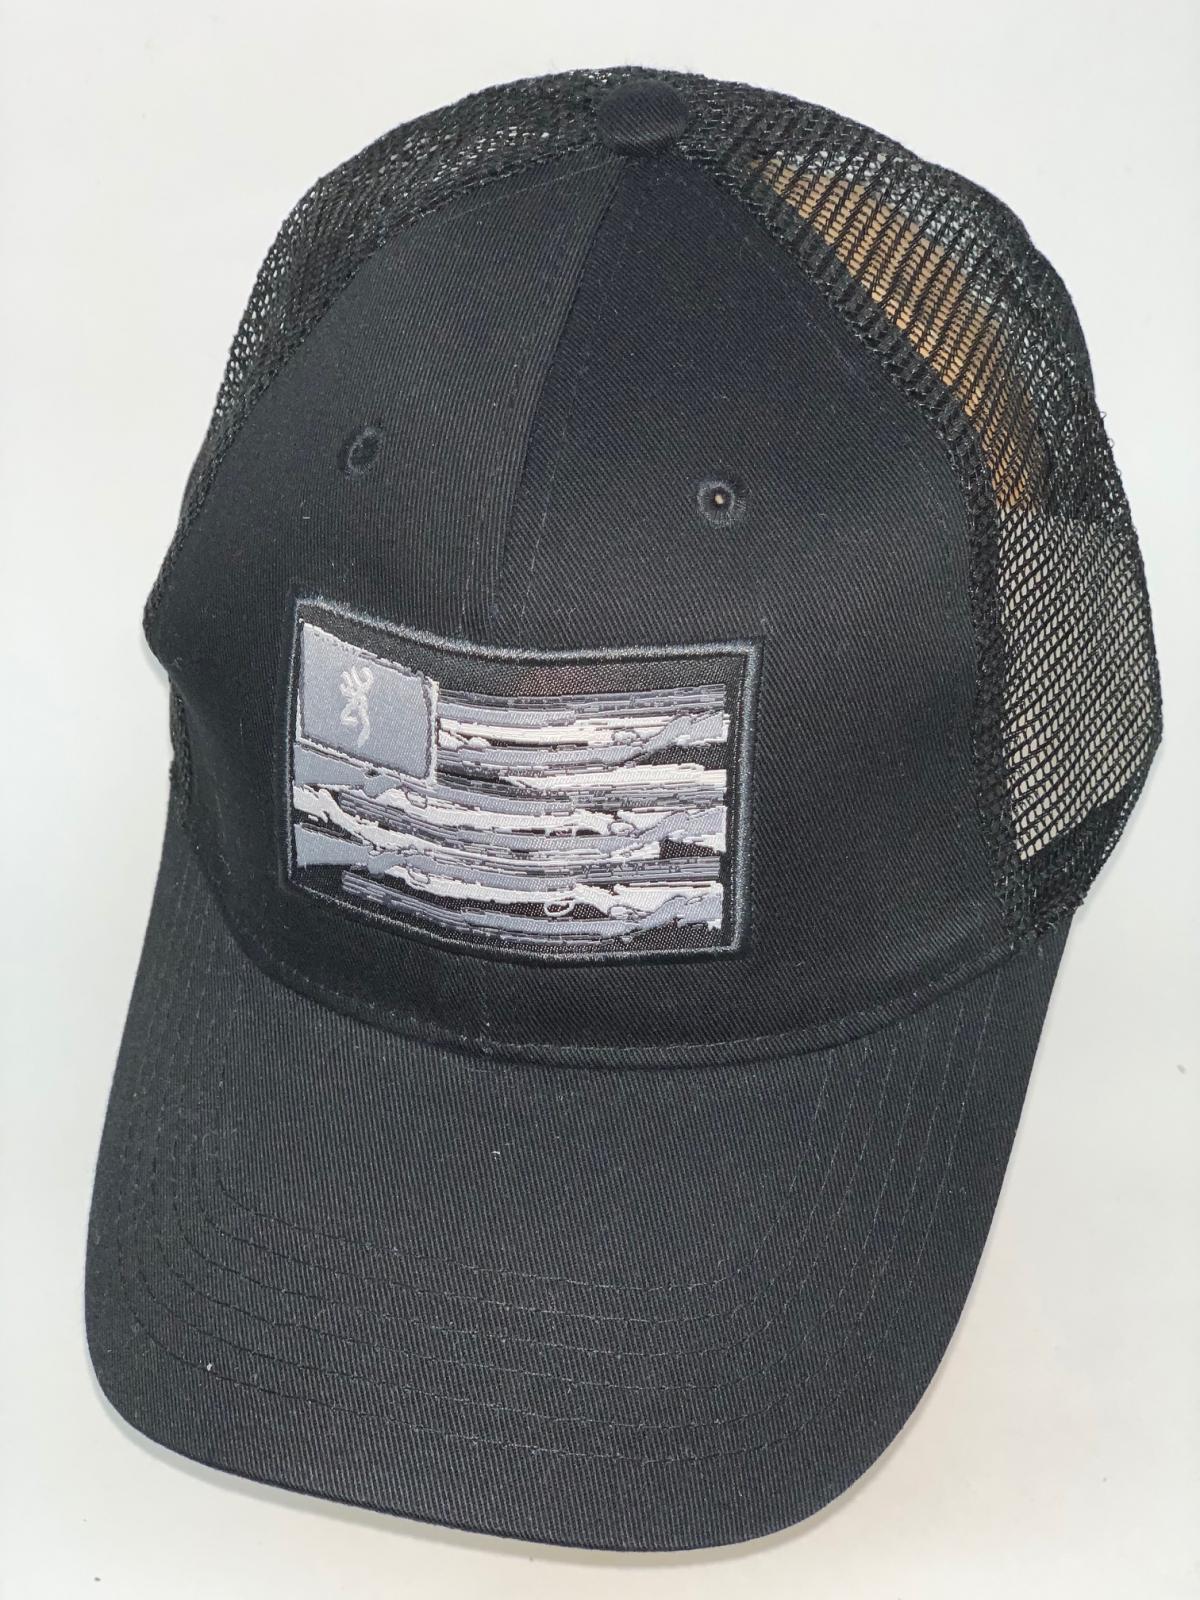 Черная бейсболка Browning с прямоугольной нашивкой и сеткой